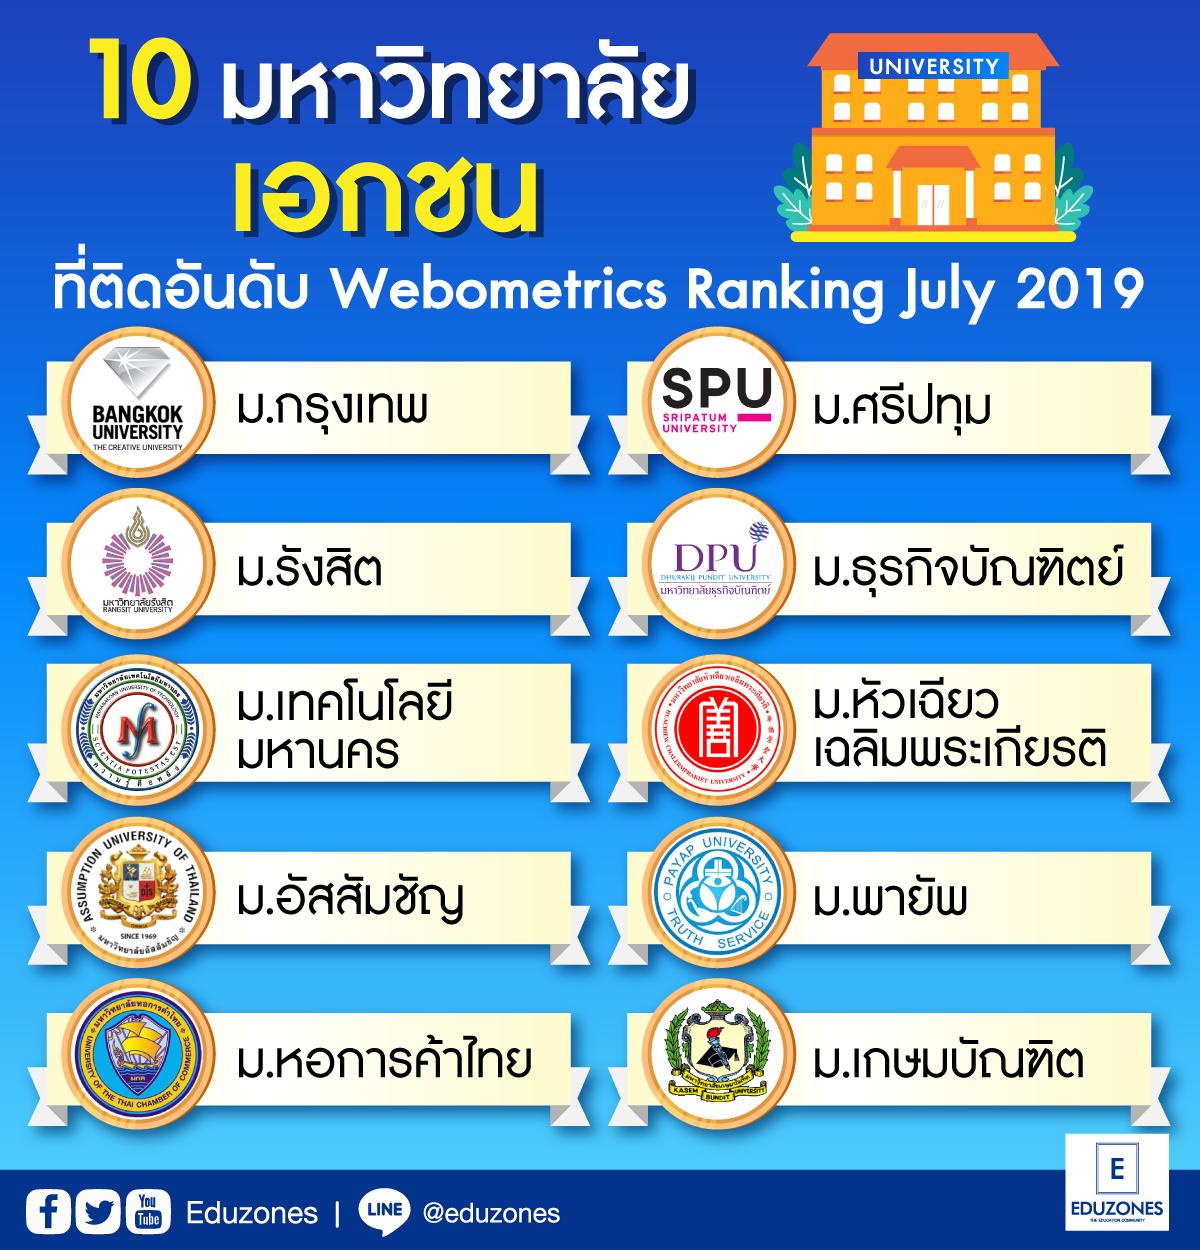 ม.กรุงเทพครองอันดับ1มหาวิทยาลัยเอกชนไทย ม.รังสิต ตามติดมาที่ 2 ม.เทคโนโลยีมหานคร อยู่ที่ 3 จากการจัดของ webometrics july 2019